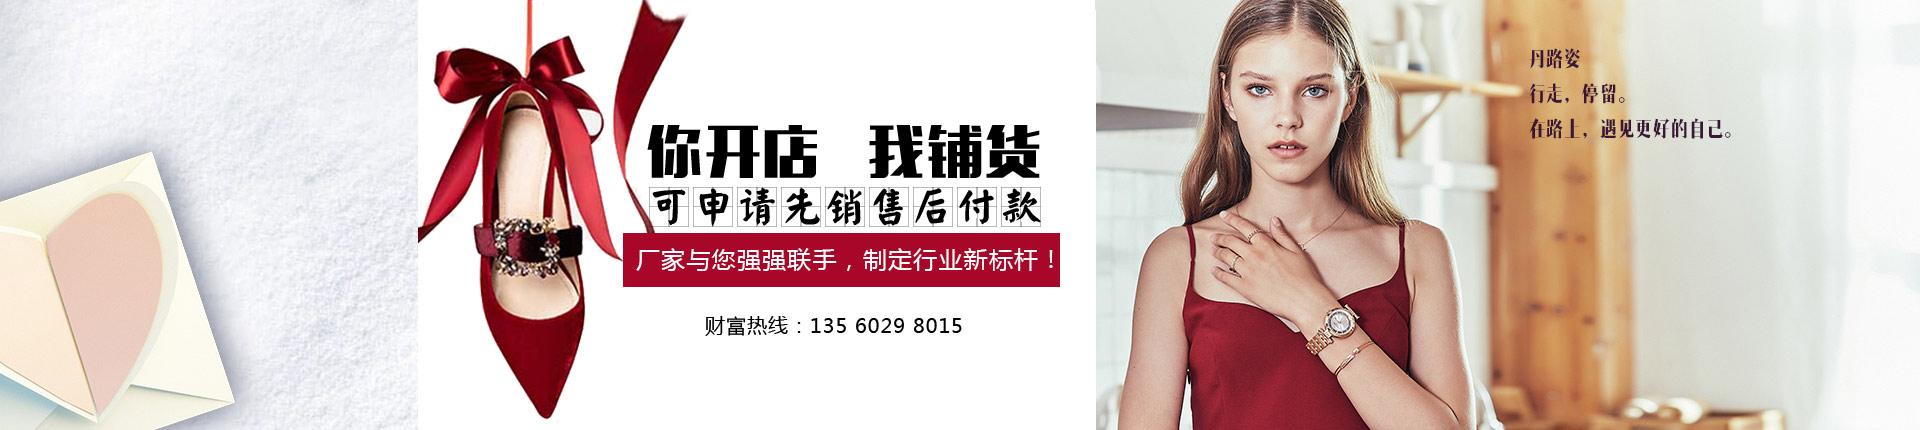 丹路姿官方网站